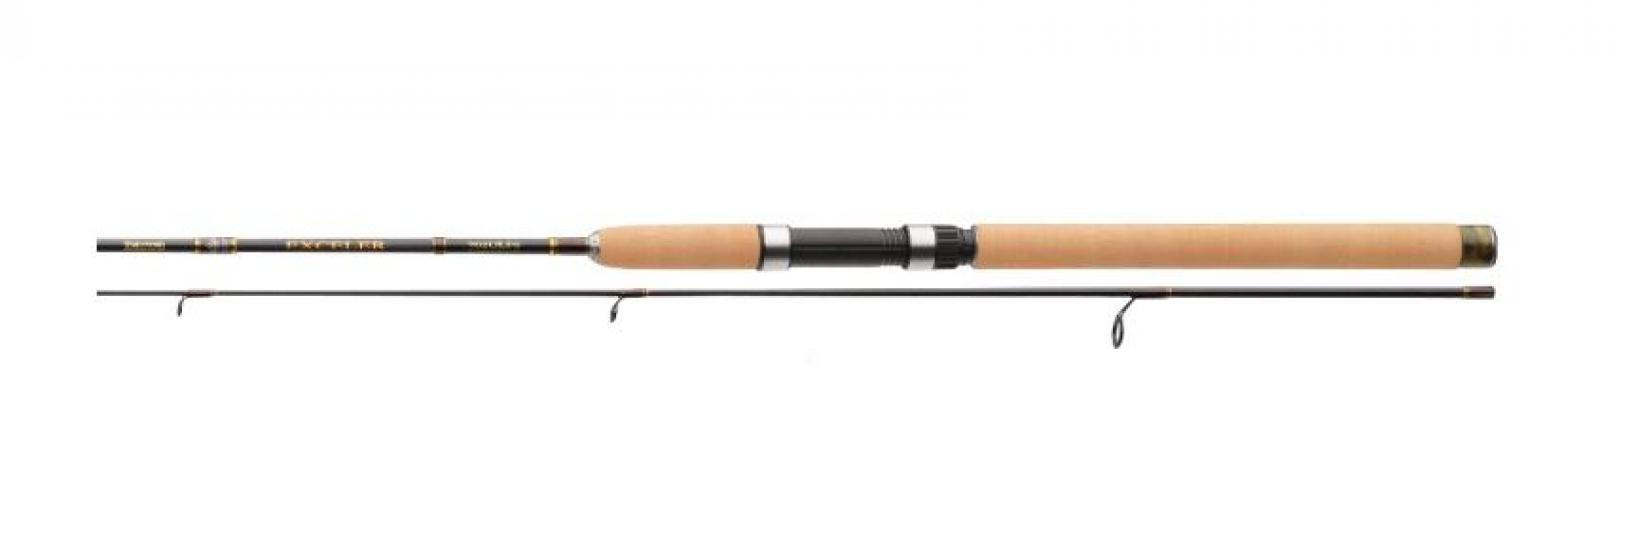 Prut Daiwa Exceler Jigger Spin 2,70m - 3-18g